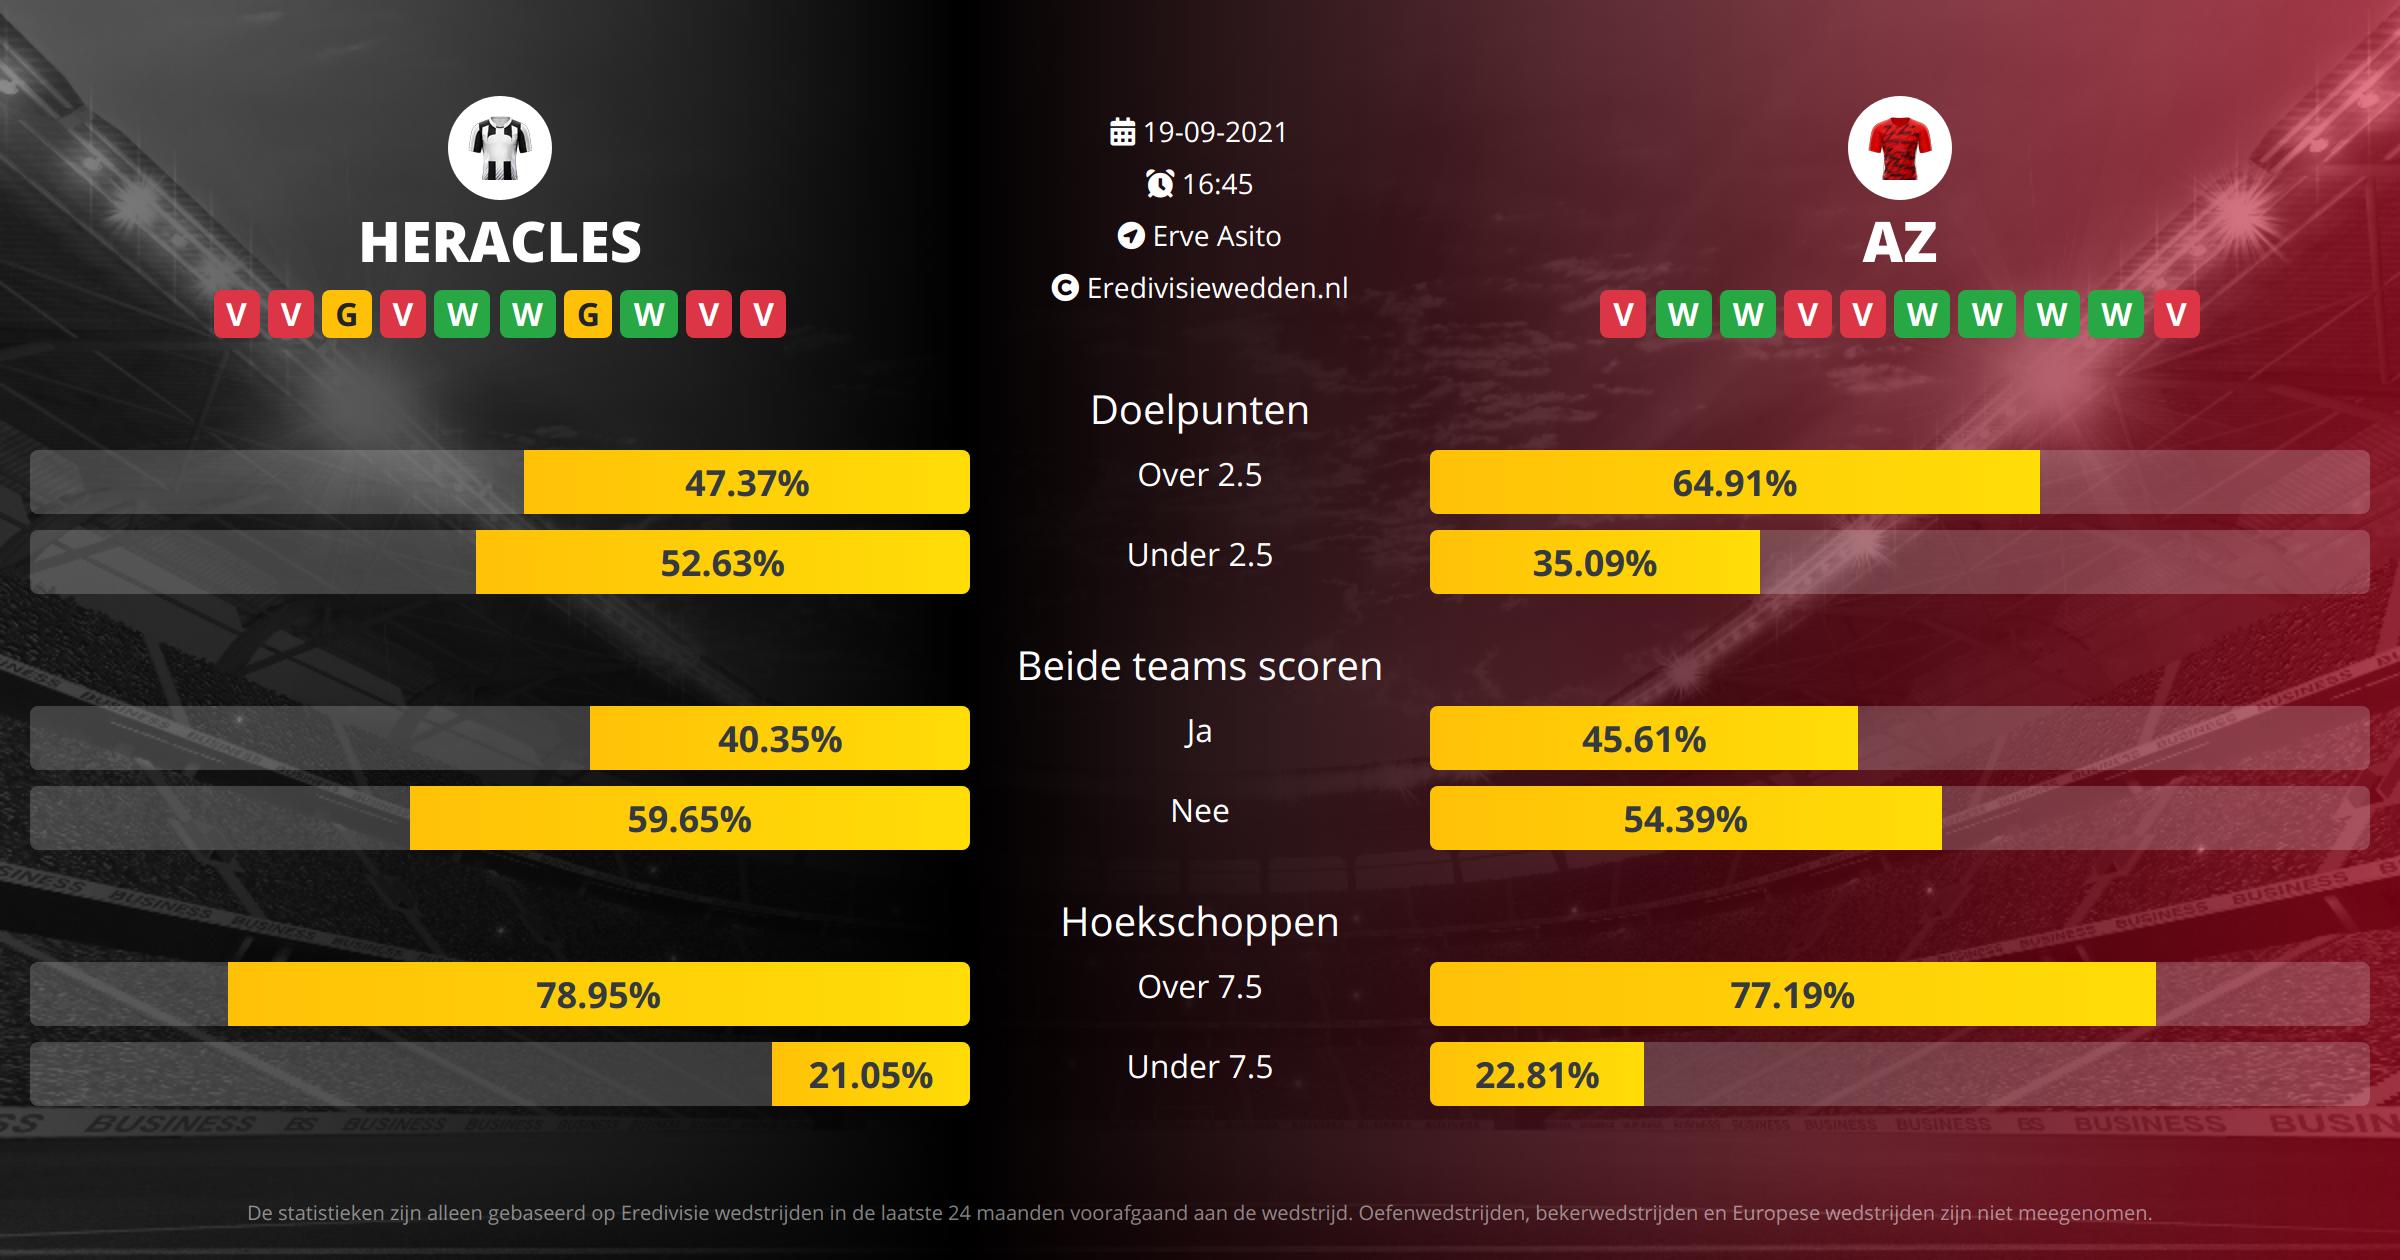 Voorspelling Heracles tegen AZ Alkmaar op  19  2021